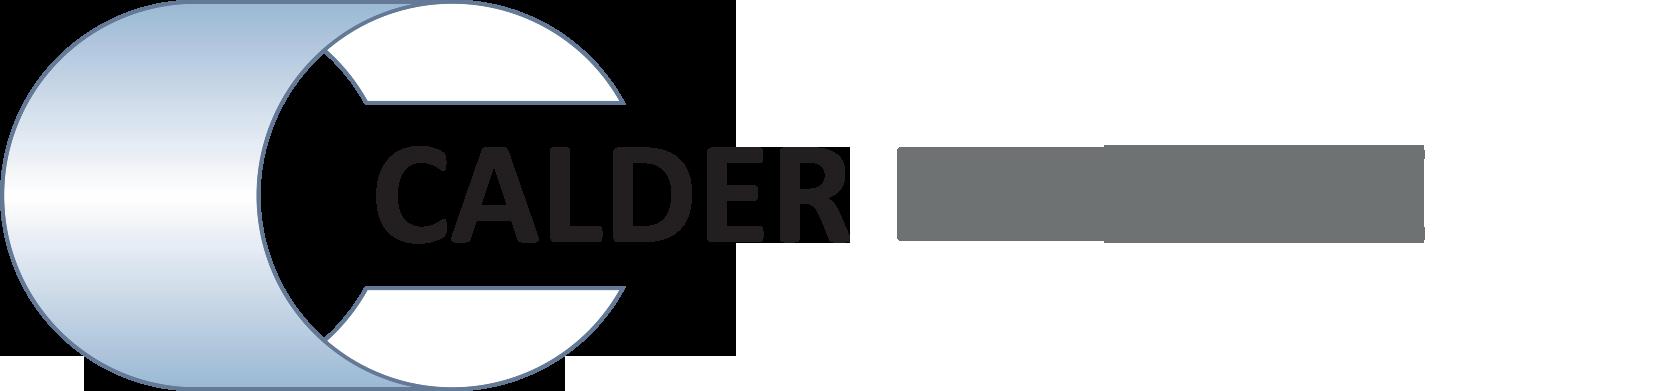 Calder Defence